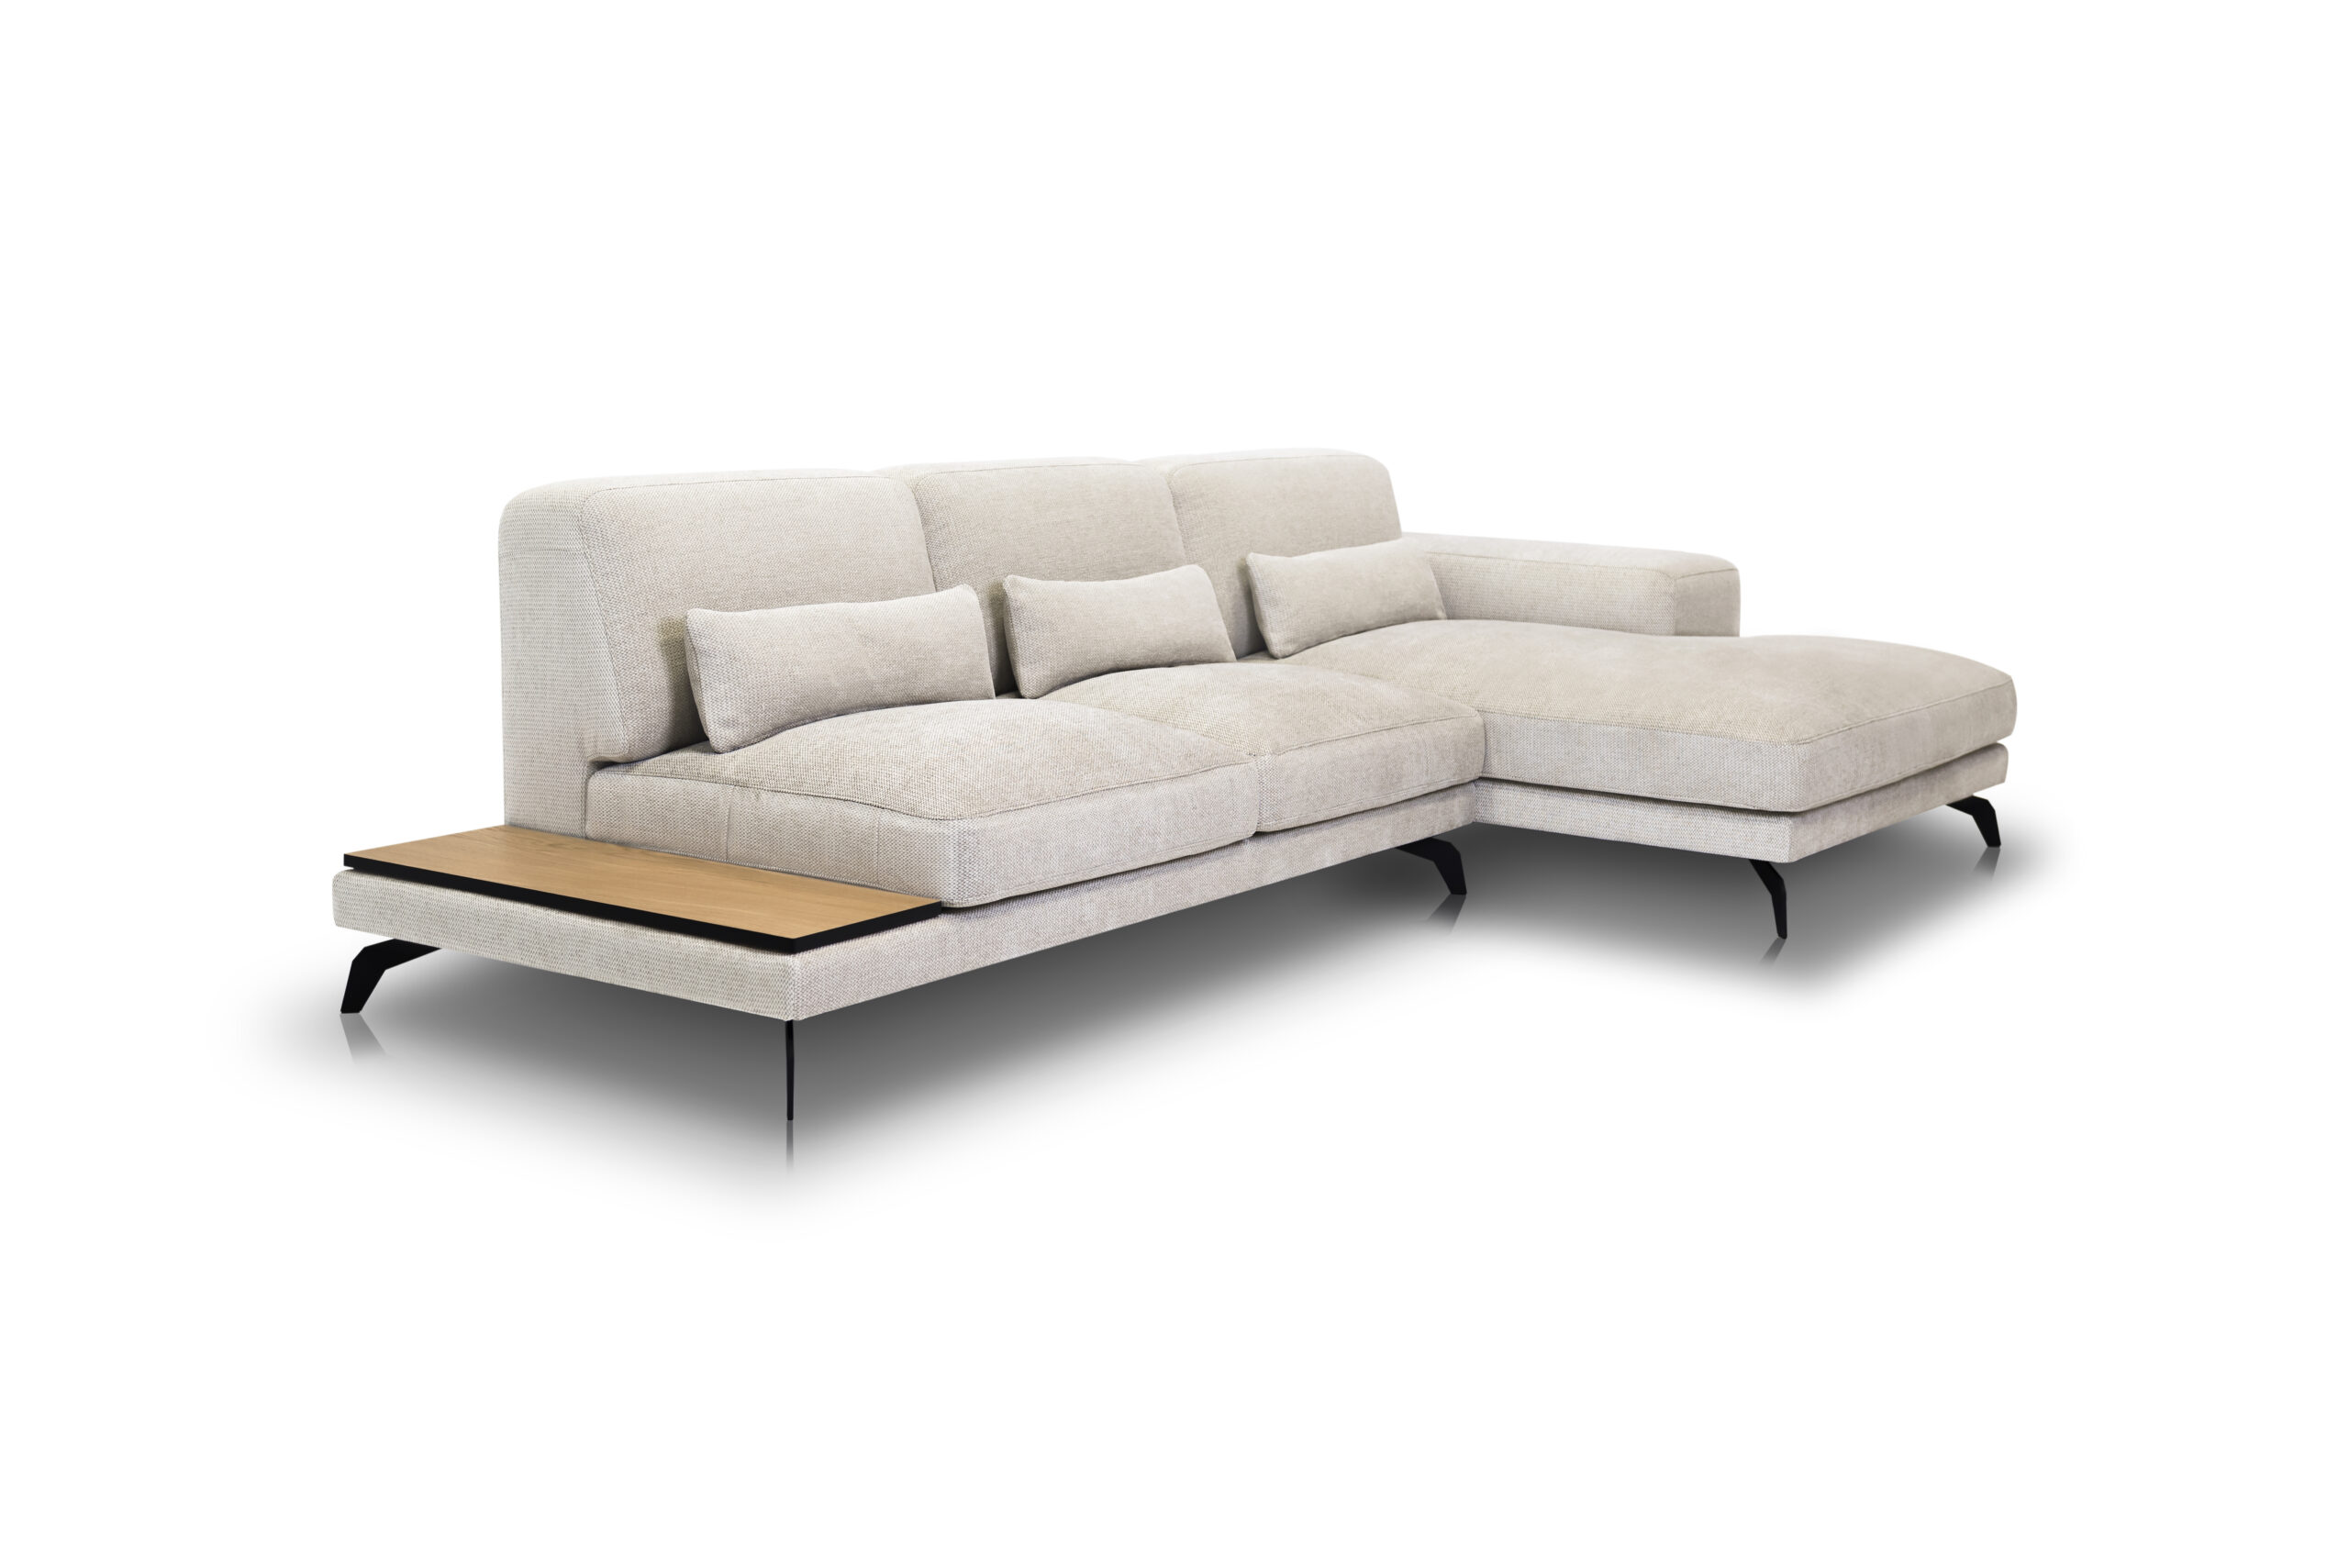 sofa-feza-nobonobo-pieva-5 (3)